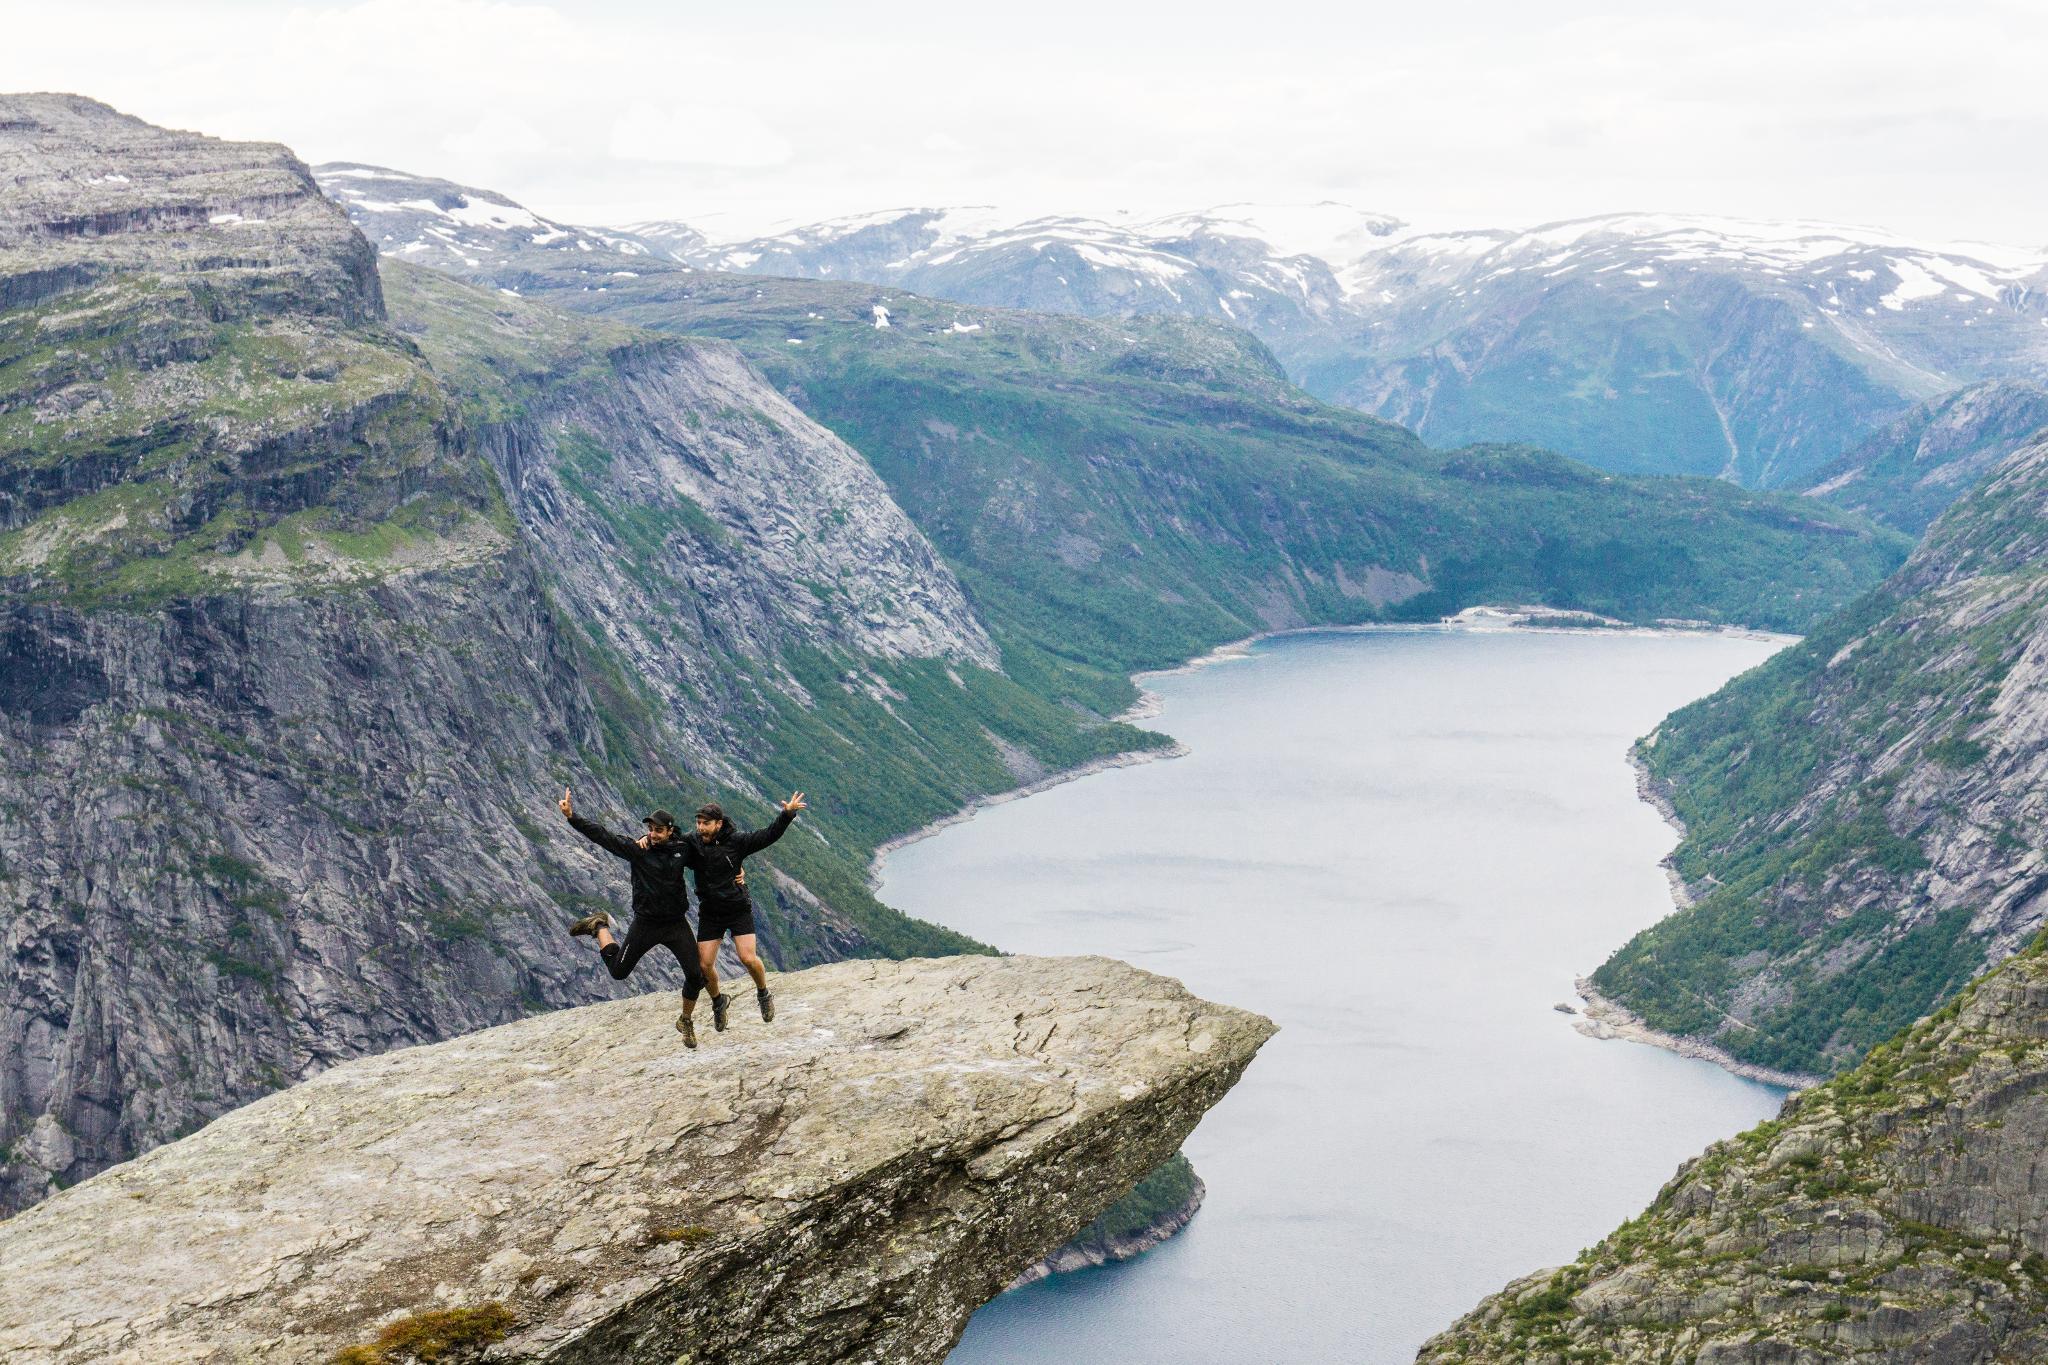 【北歐景點】挪威惡魔之舌 Trolltunga — 28公里健行挑戰全攻略 239